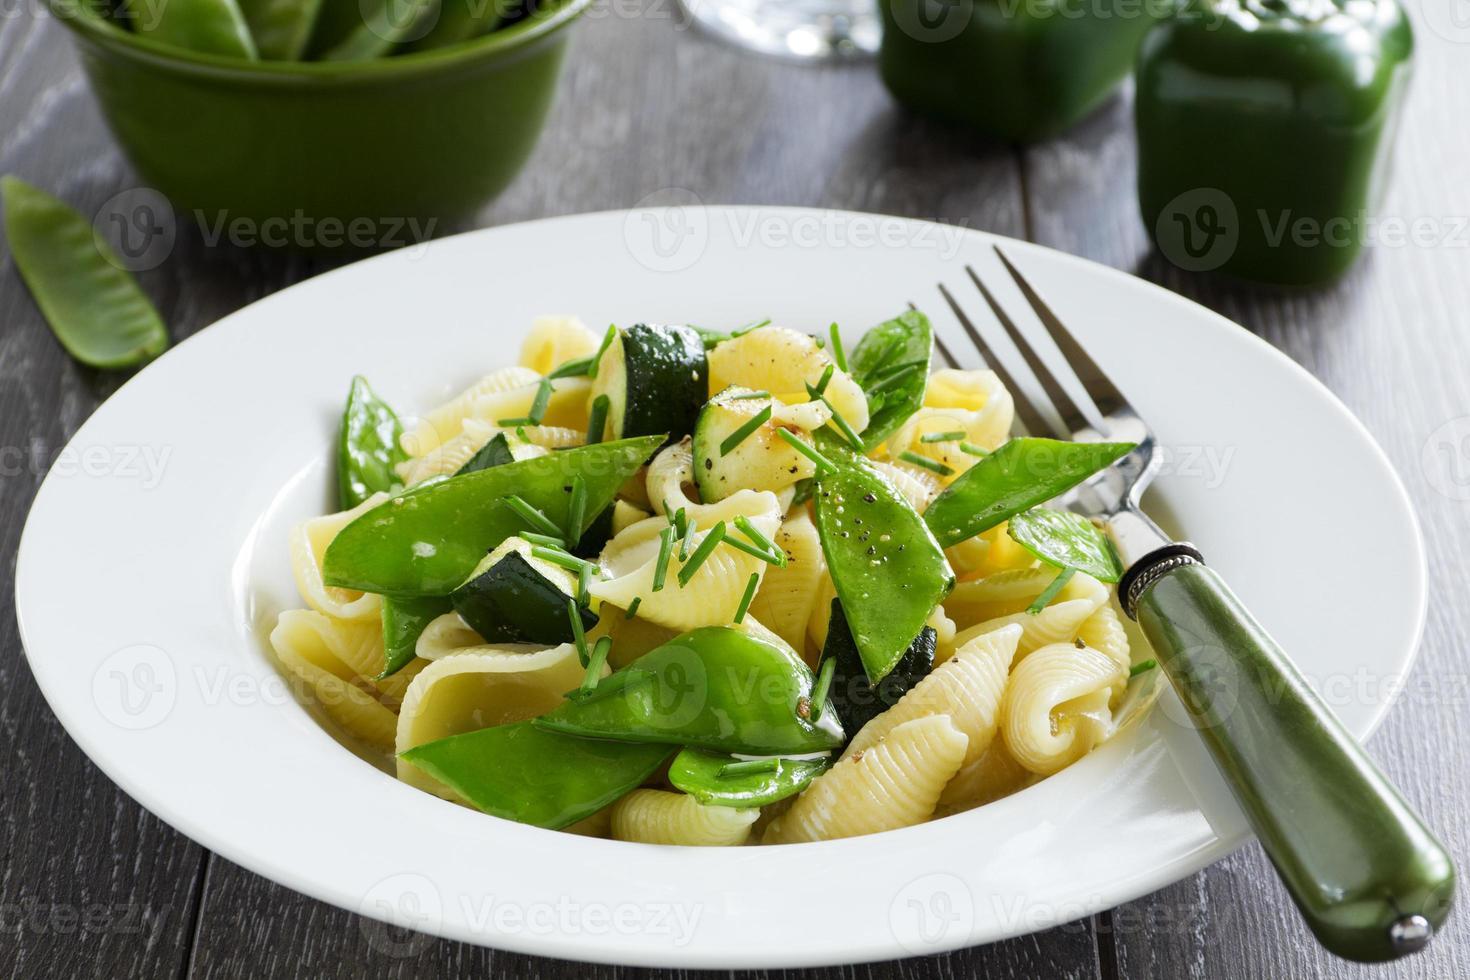 pâtes aux courgettes et poivrons verts. photo